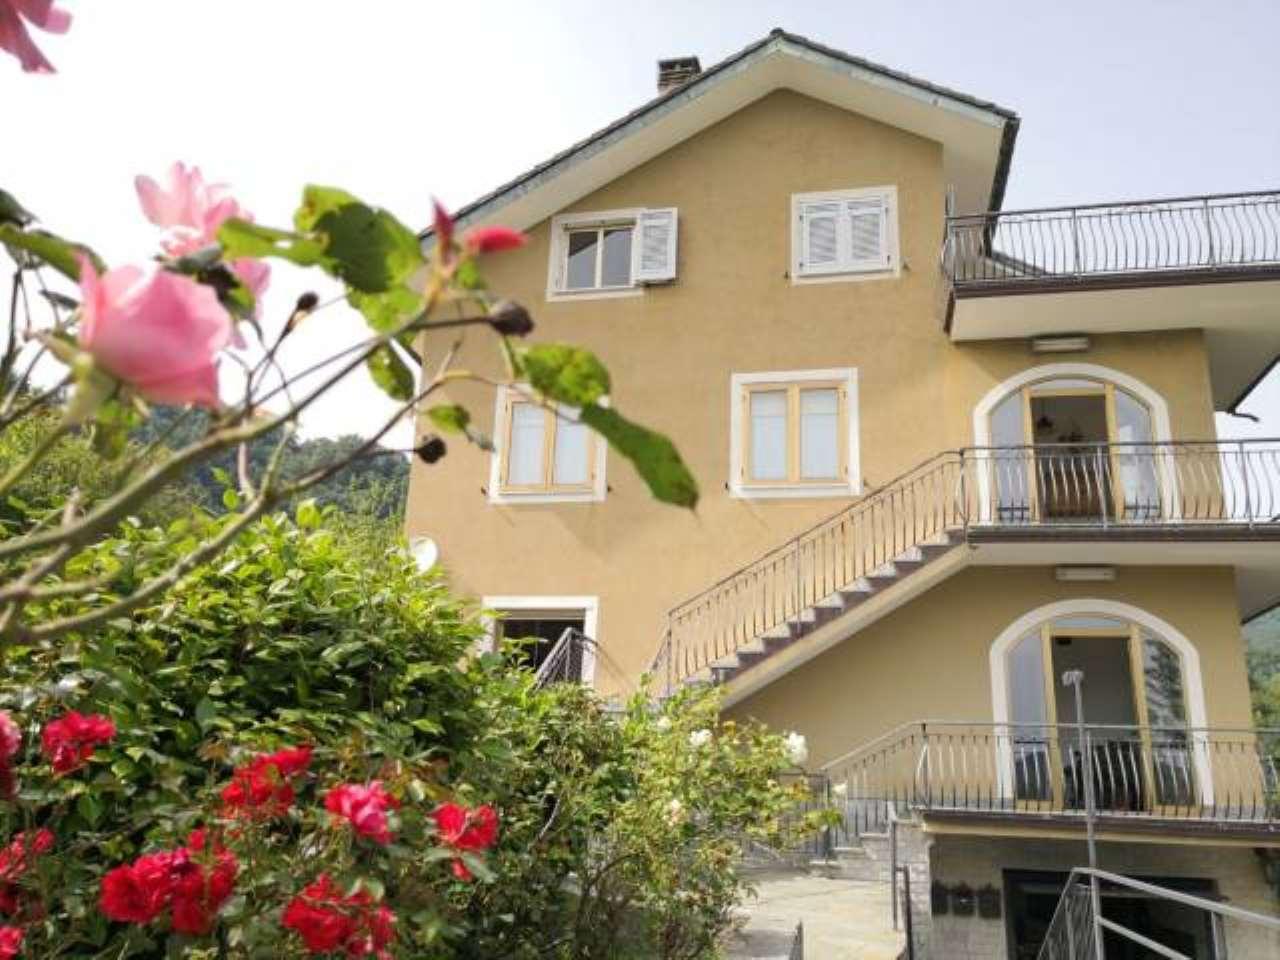 Foto 1 di Casa indipendente località Craviasco, 339, Lumarzo